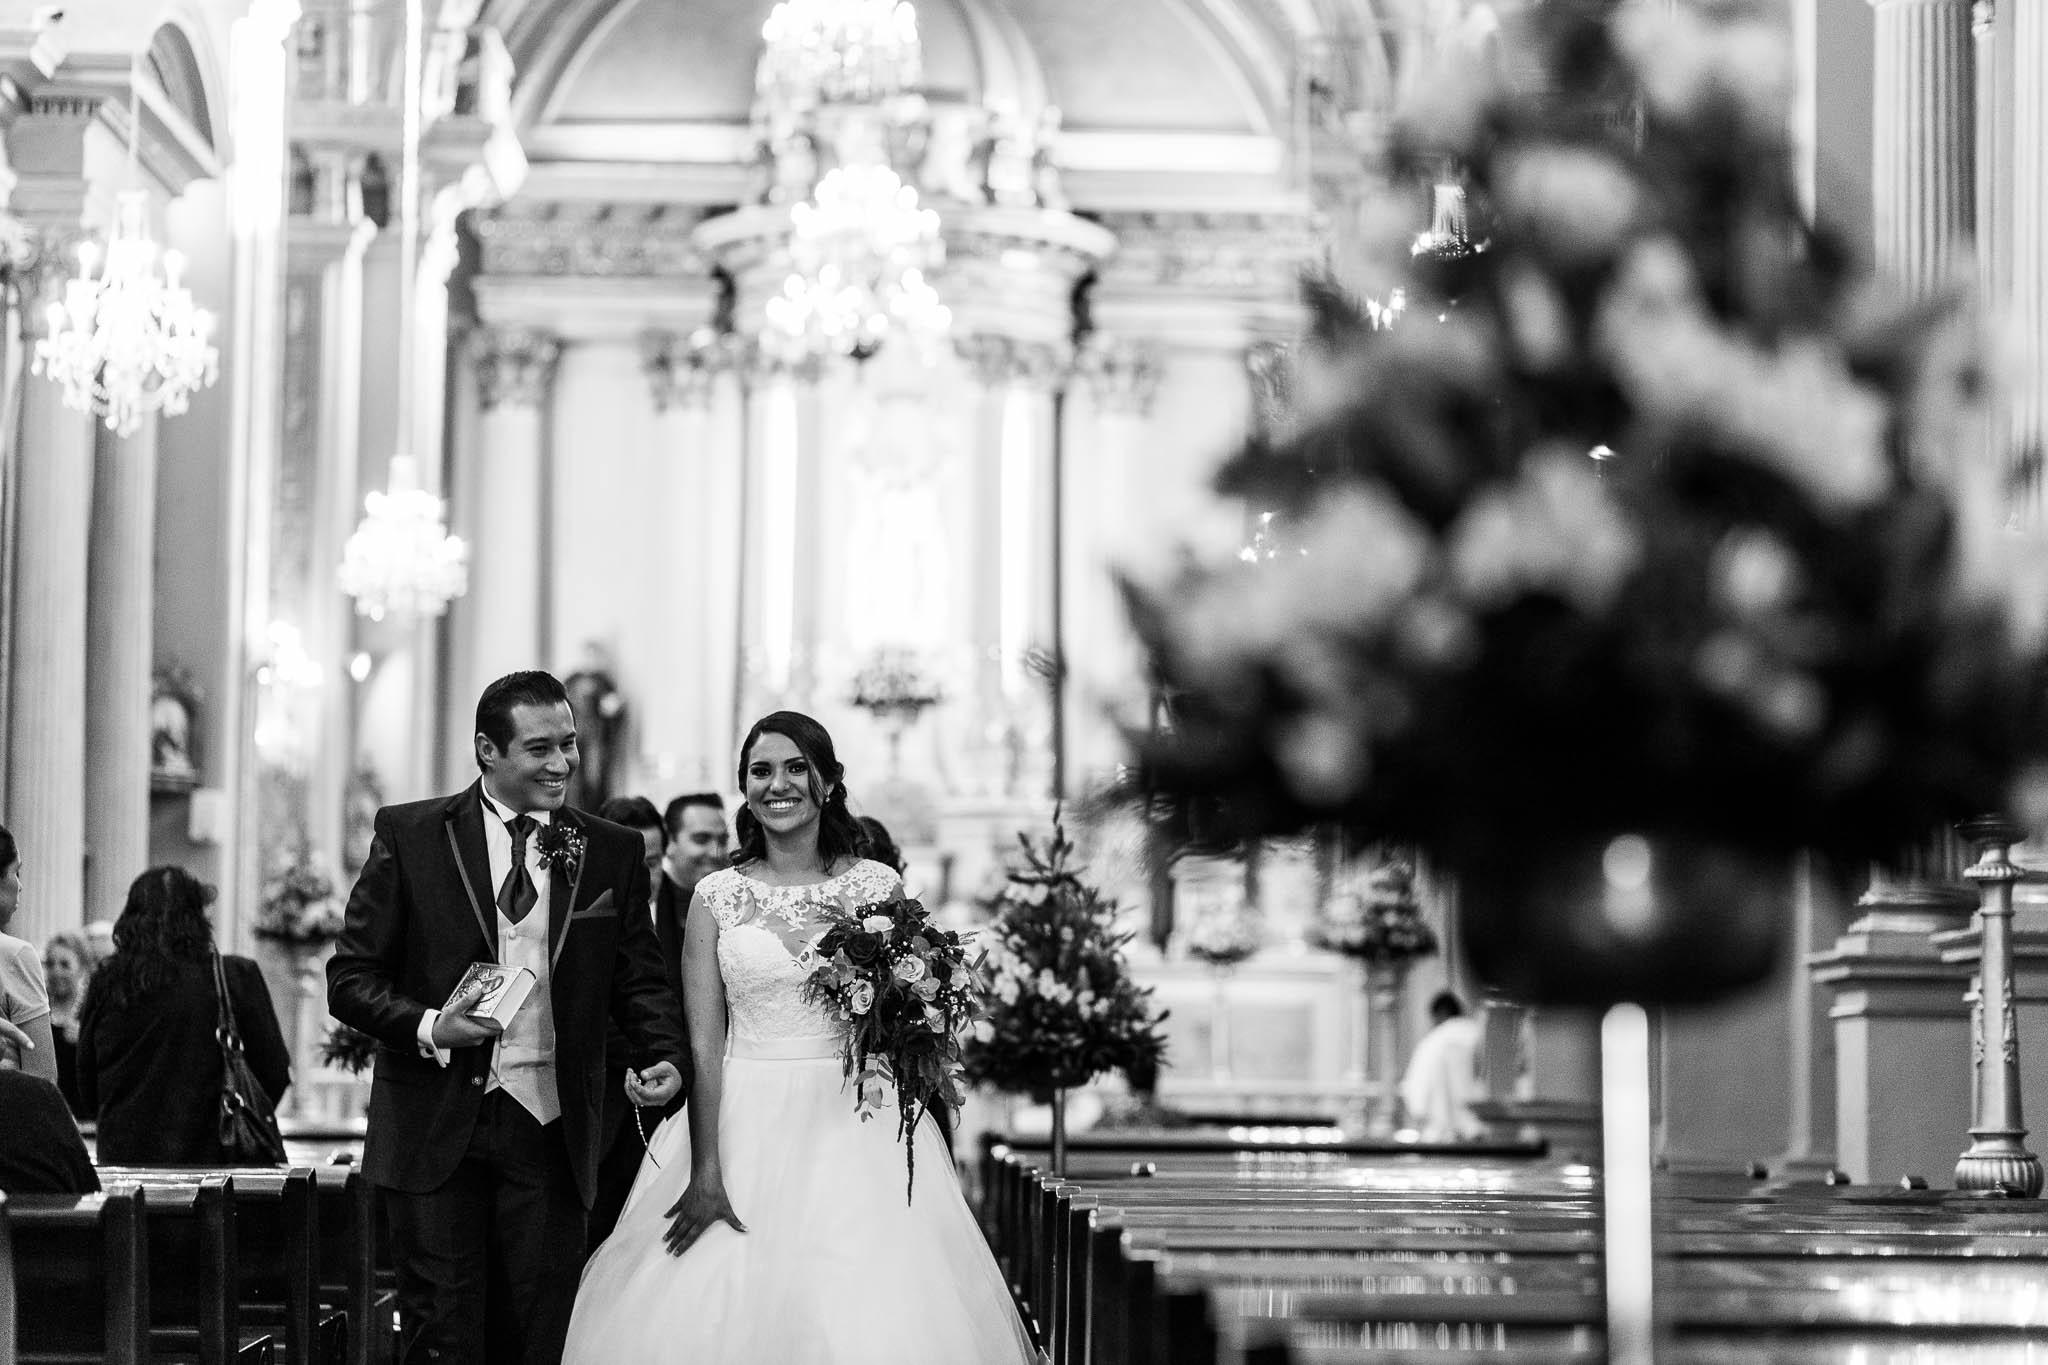 fotografo de bodas san luis potosi boda mexico wedding destination fotos de boda 112